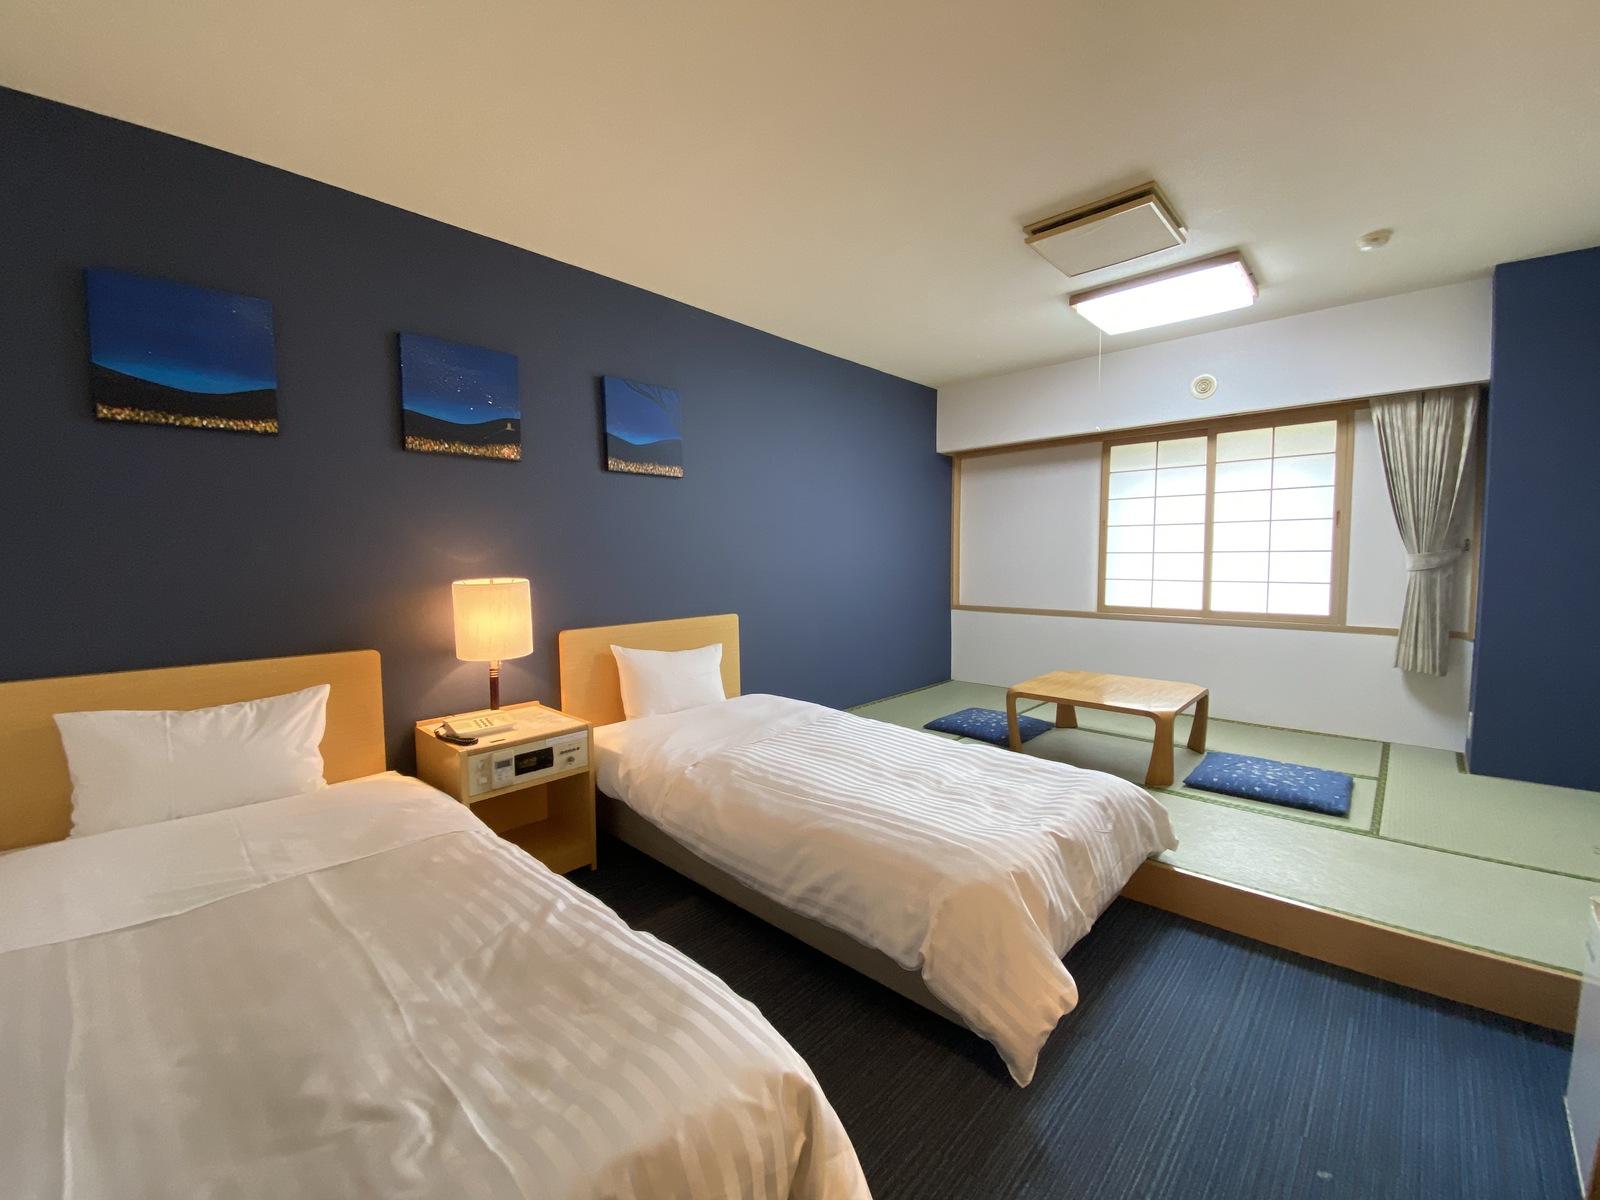 満天の星空を堪能するリゾート 芦別温泉スターライトホテル / ■和洋室■25㎡禁煙